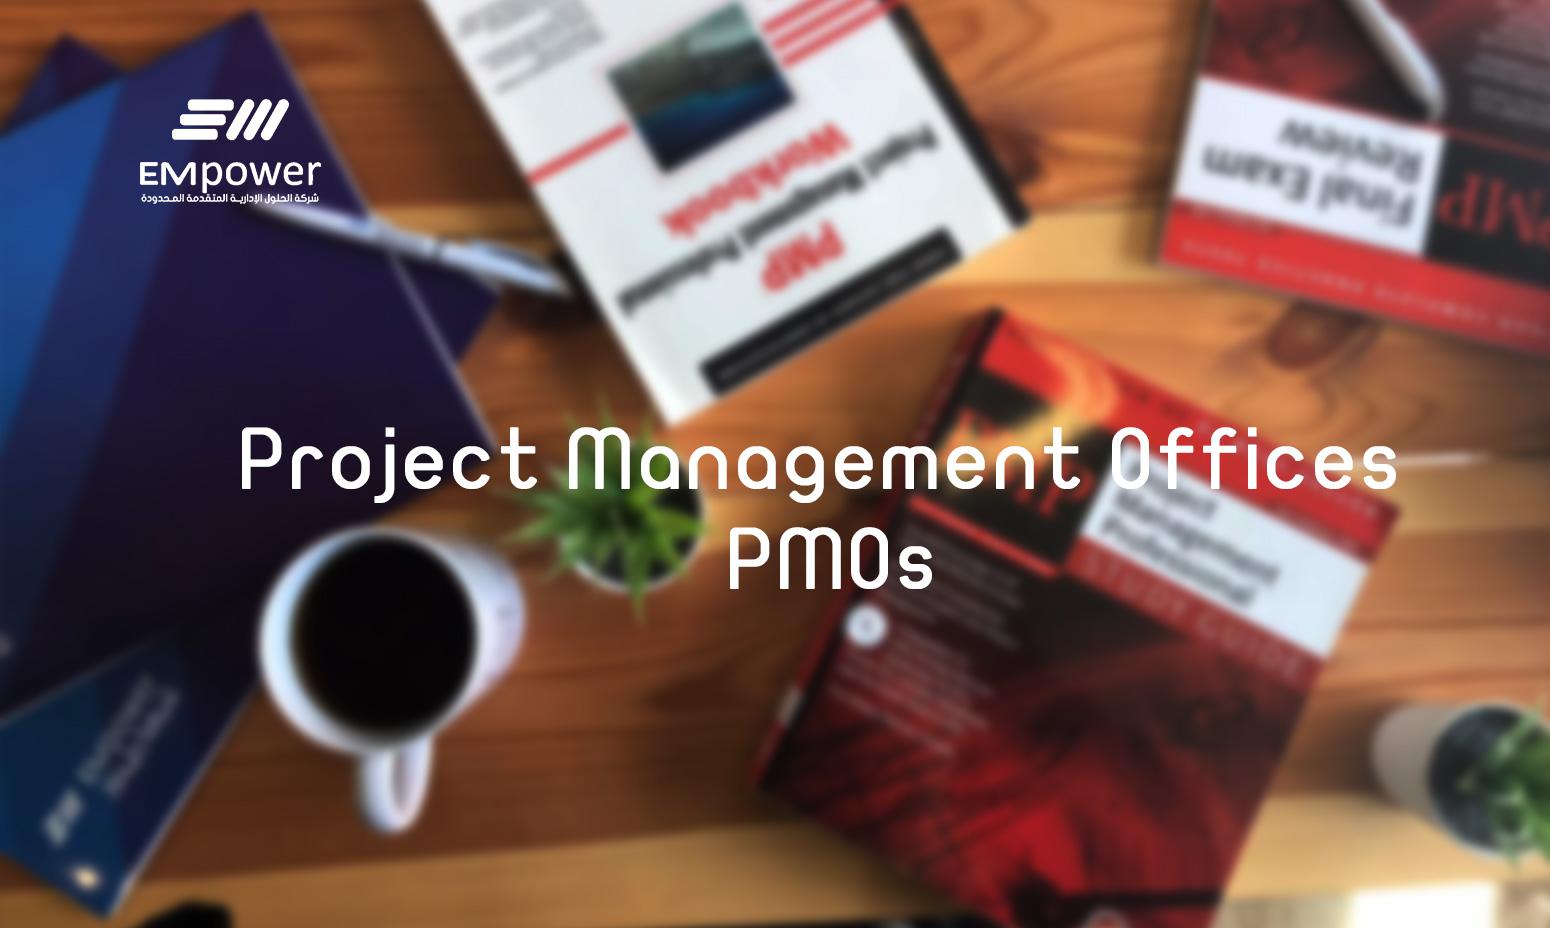 مكاتب إدارة المشاريع وأهميتها في مؤسستك